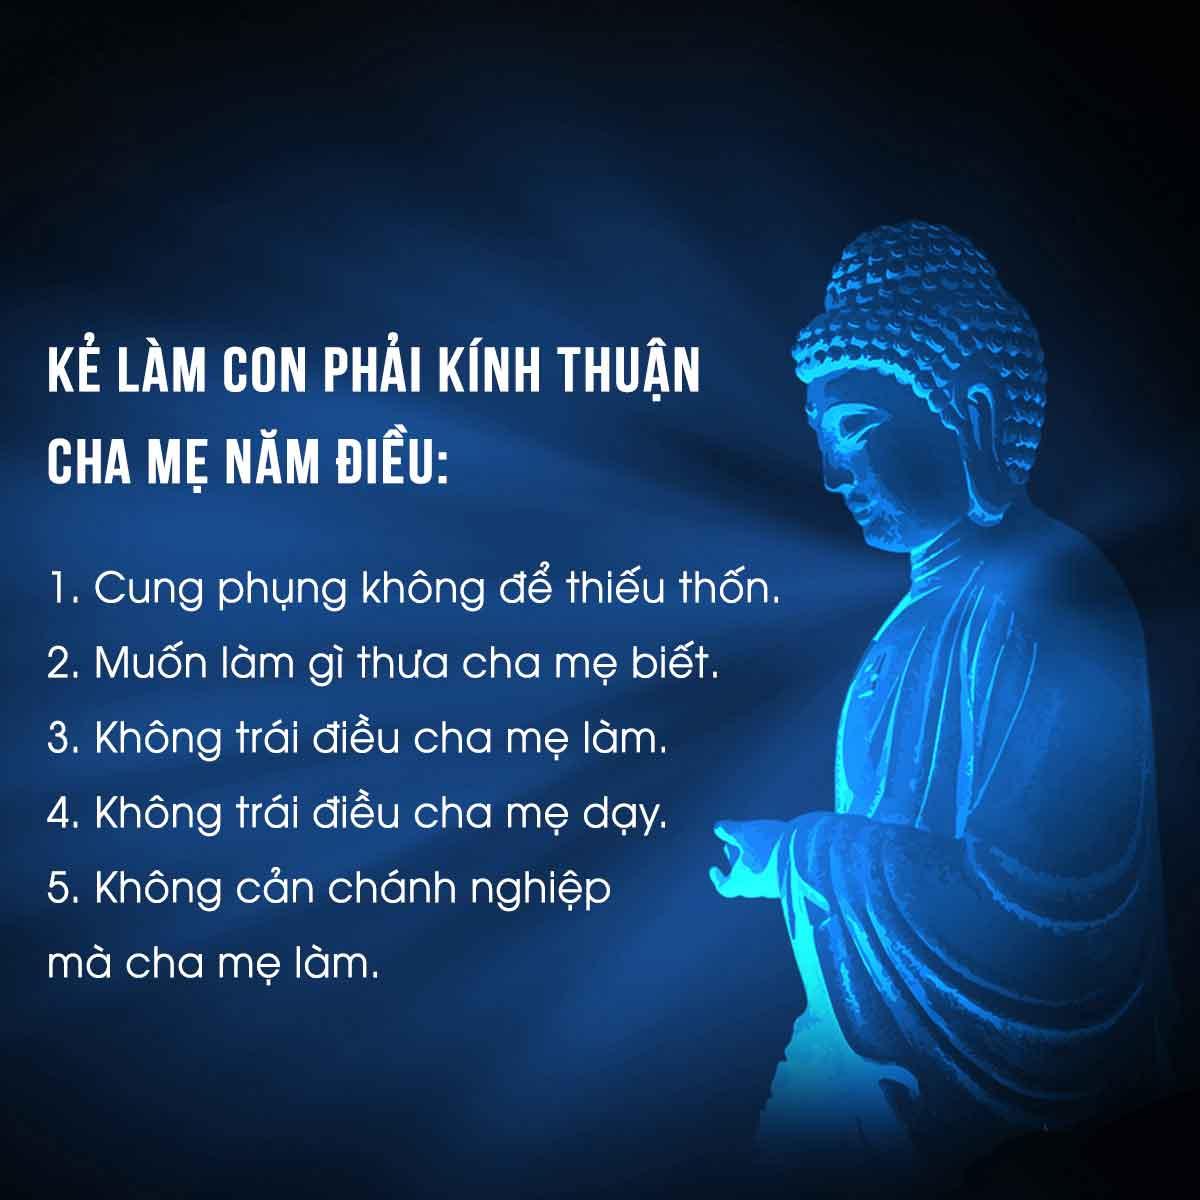 Đạo nghĩa gia đình theo lời Phật dạy 1